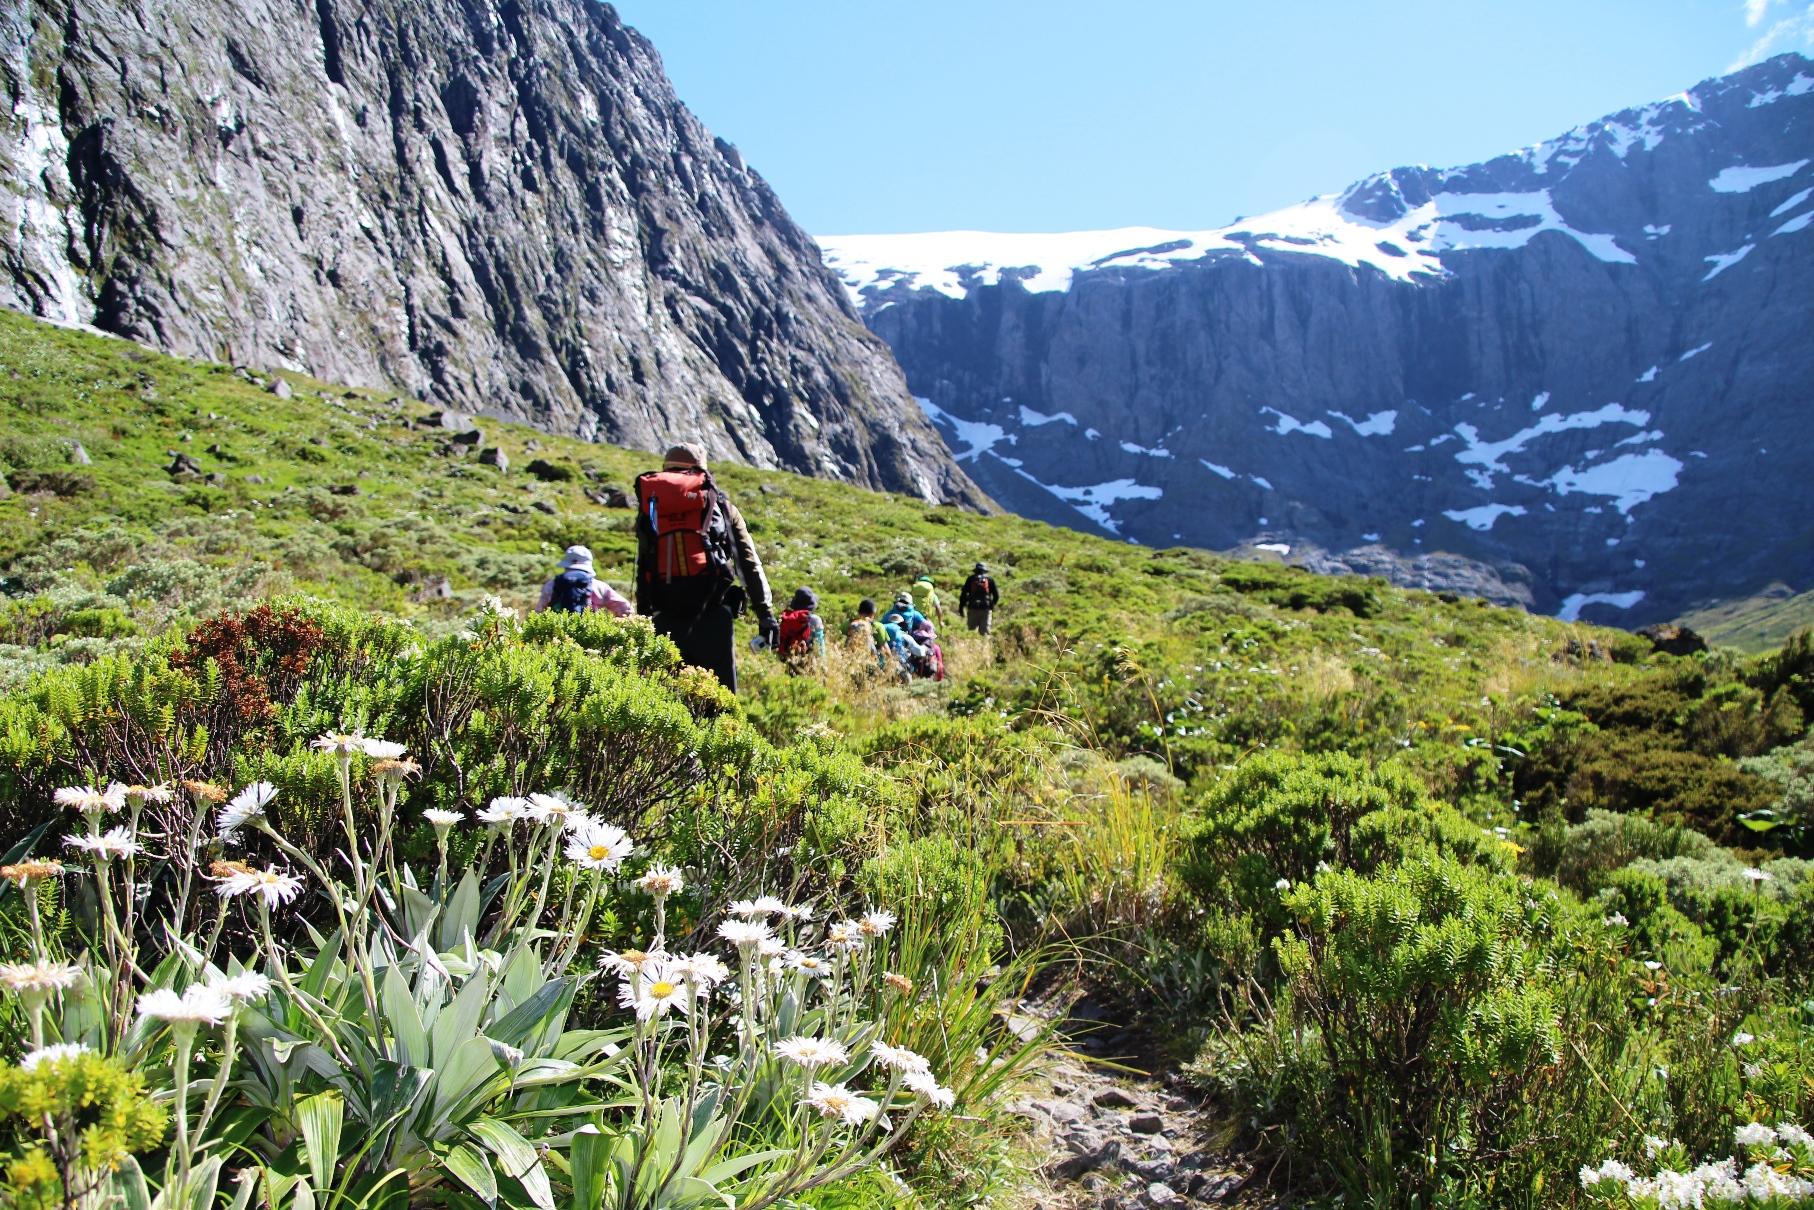 ニュージーランド固有の可憐な花たちを愛でながらハイキングを楽しむ